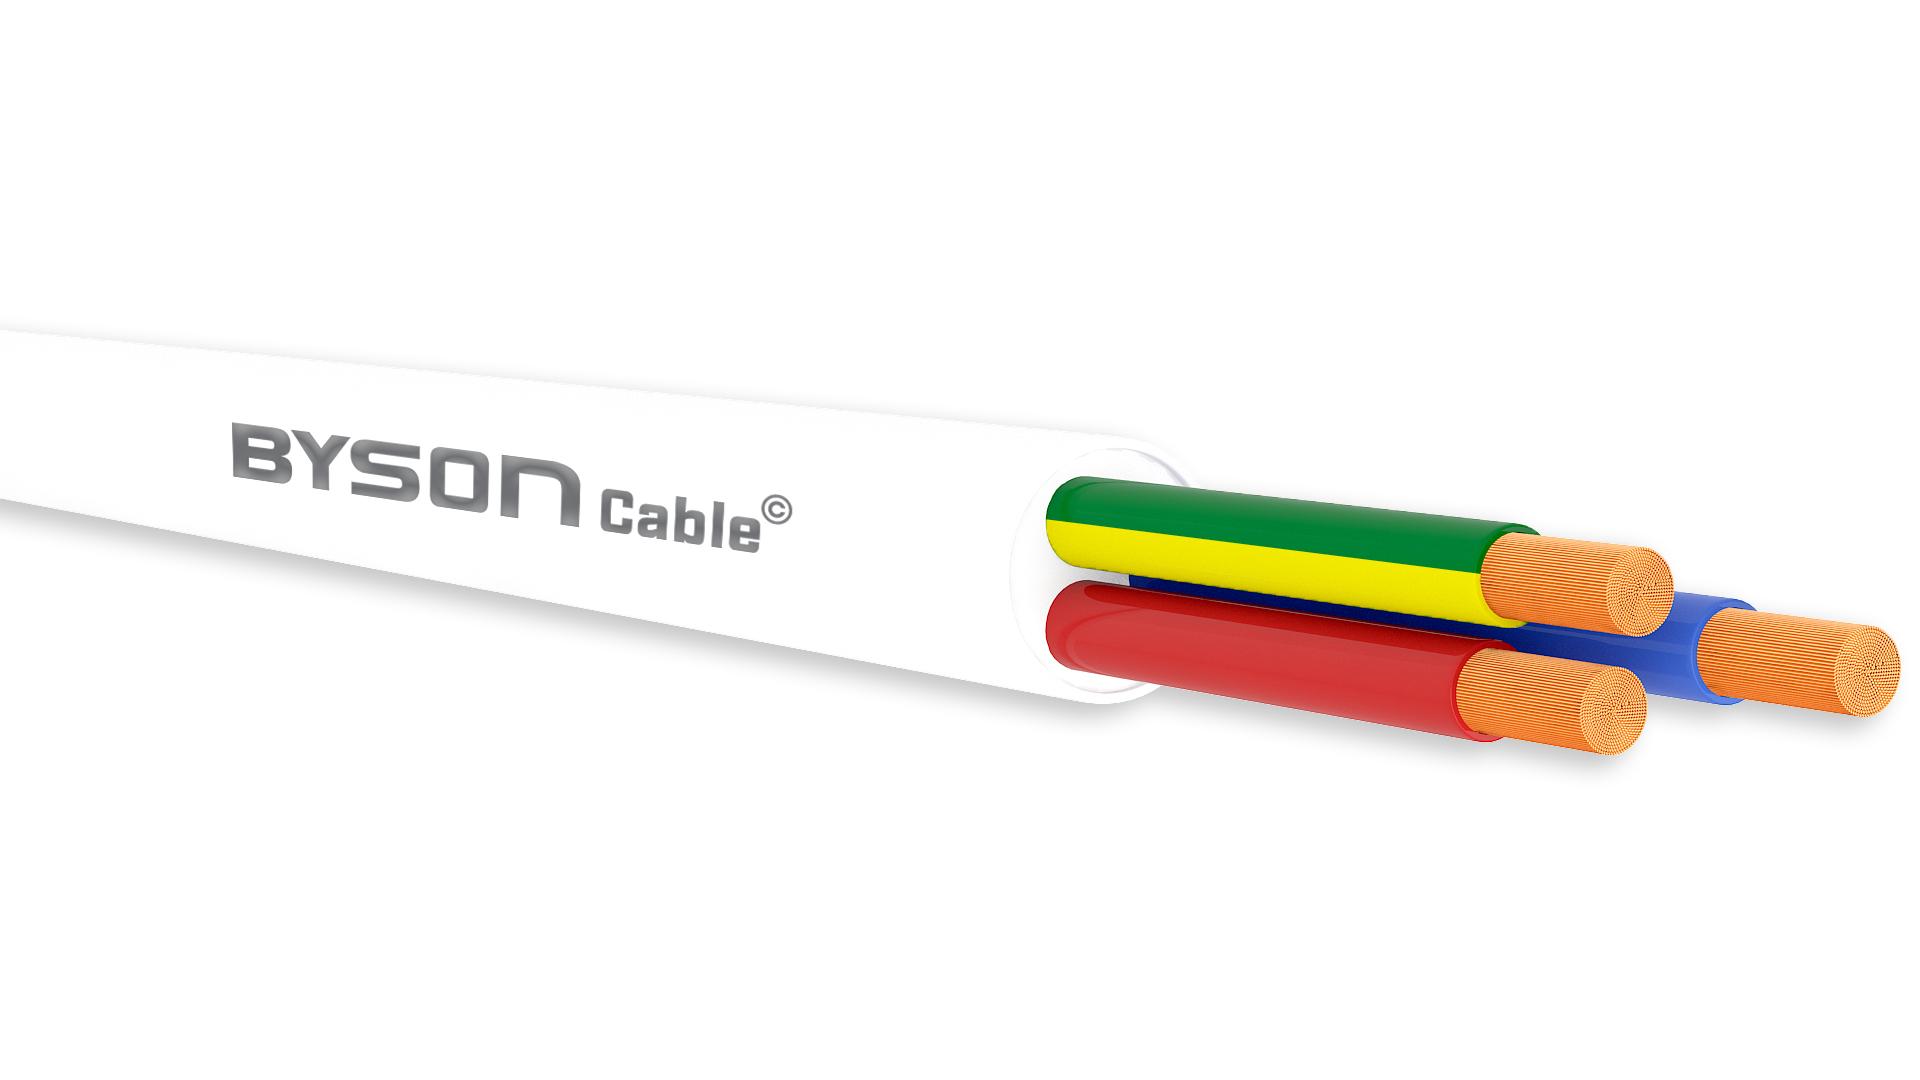 H05vv F Cable : Y pvc flex buy online